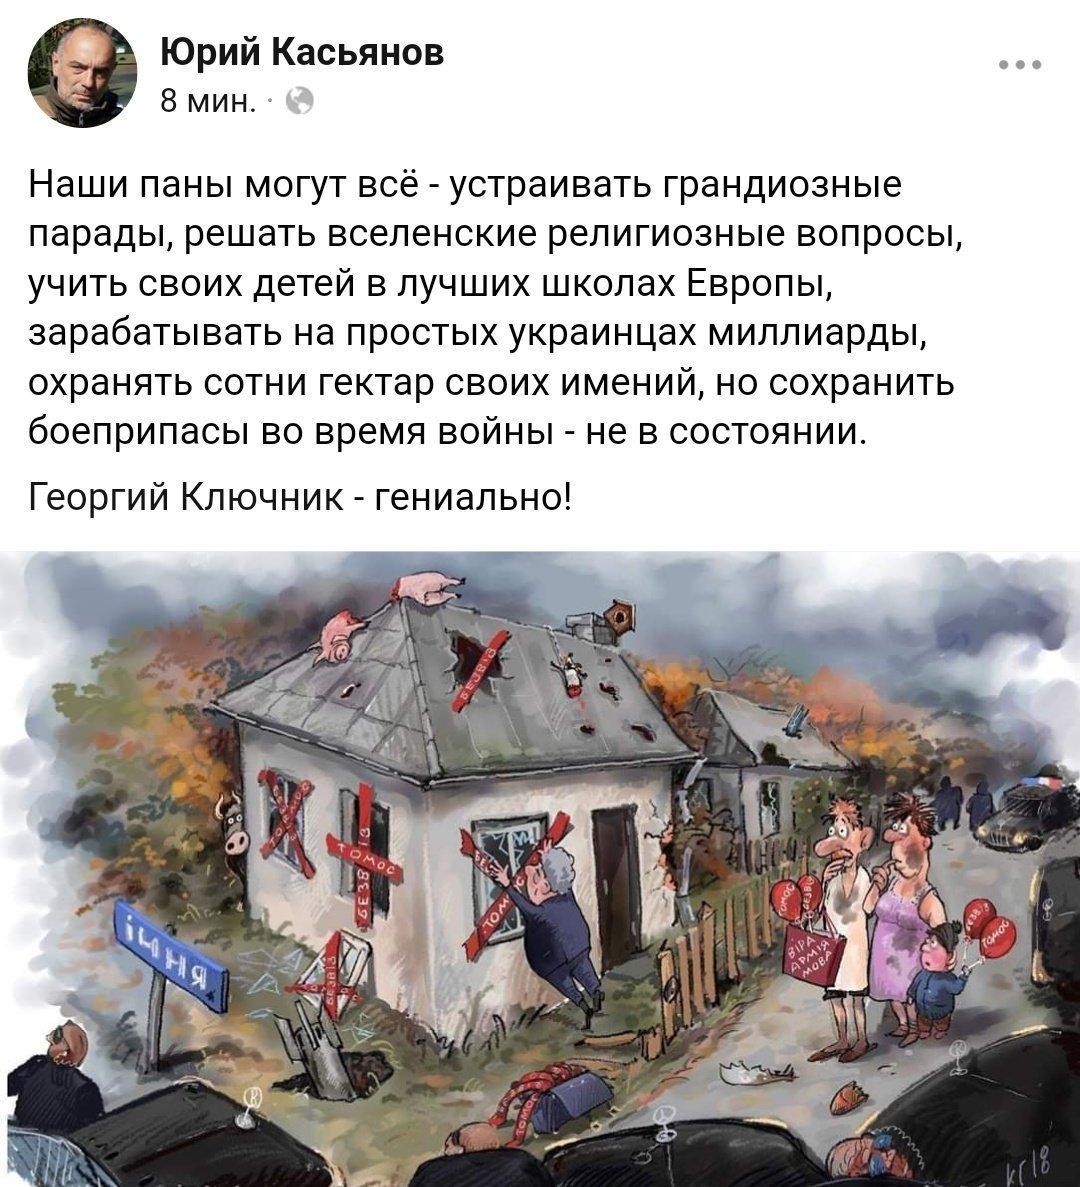 """""""Укроборонпром"""" представив мобільний комплекс """"Харза"""" для захисту стратегічних об'єктів - Цензор.НЕТ 5543"""